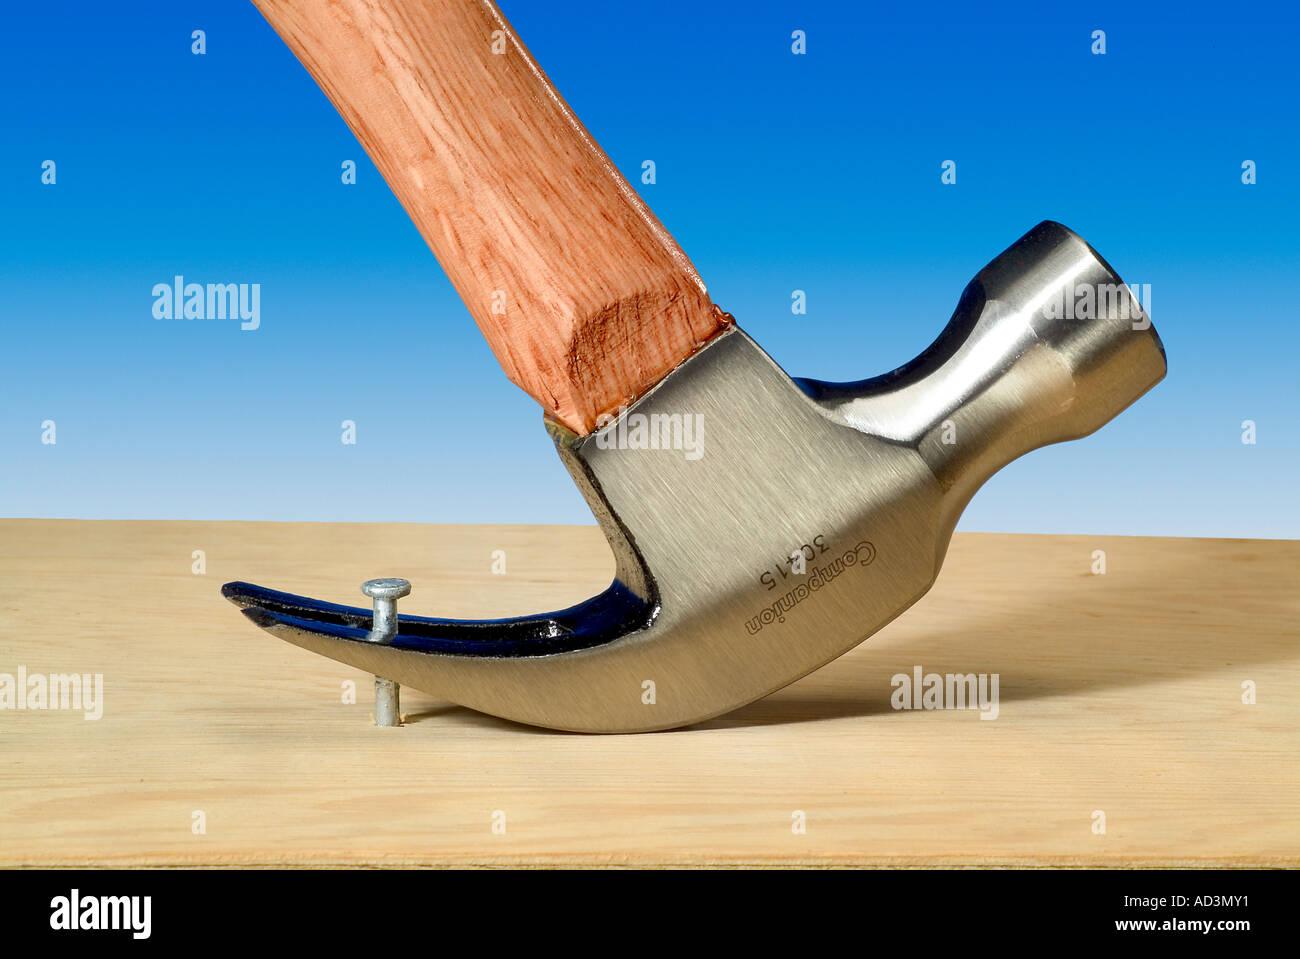 Martello da carpentiere chiodo di trazione Immagini Stock